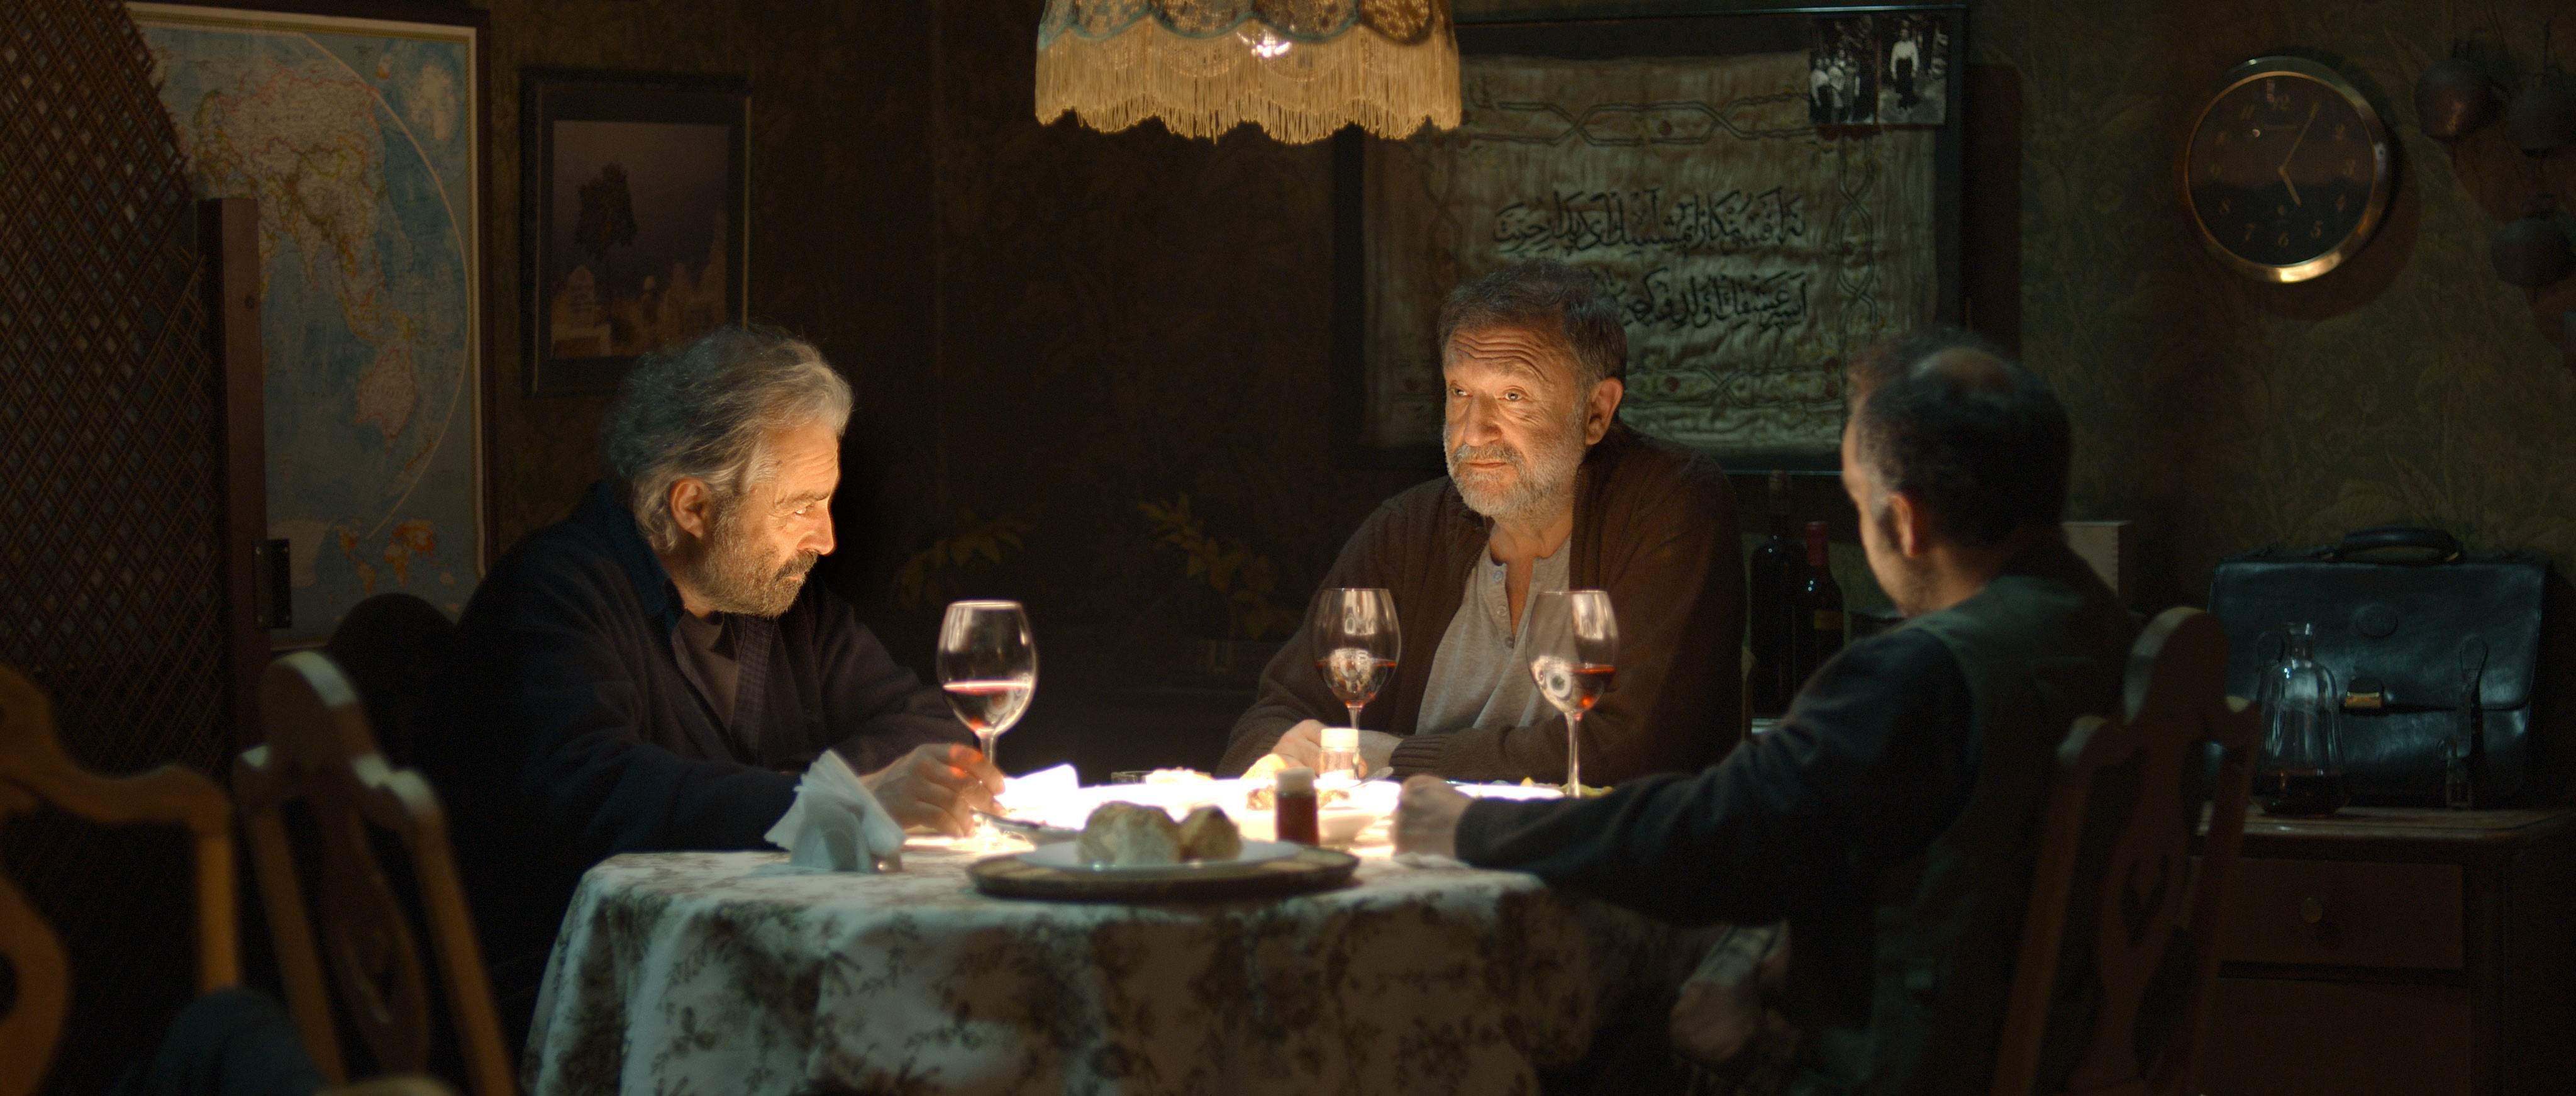 'Kış Uykusu' filmi Rusya'da